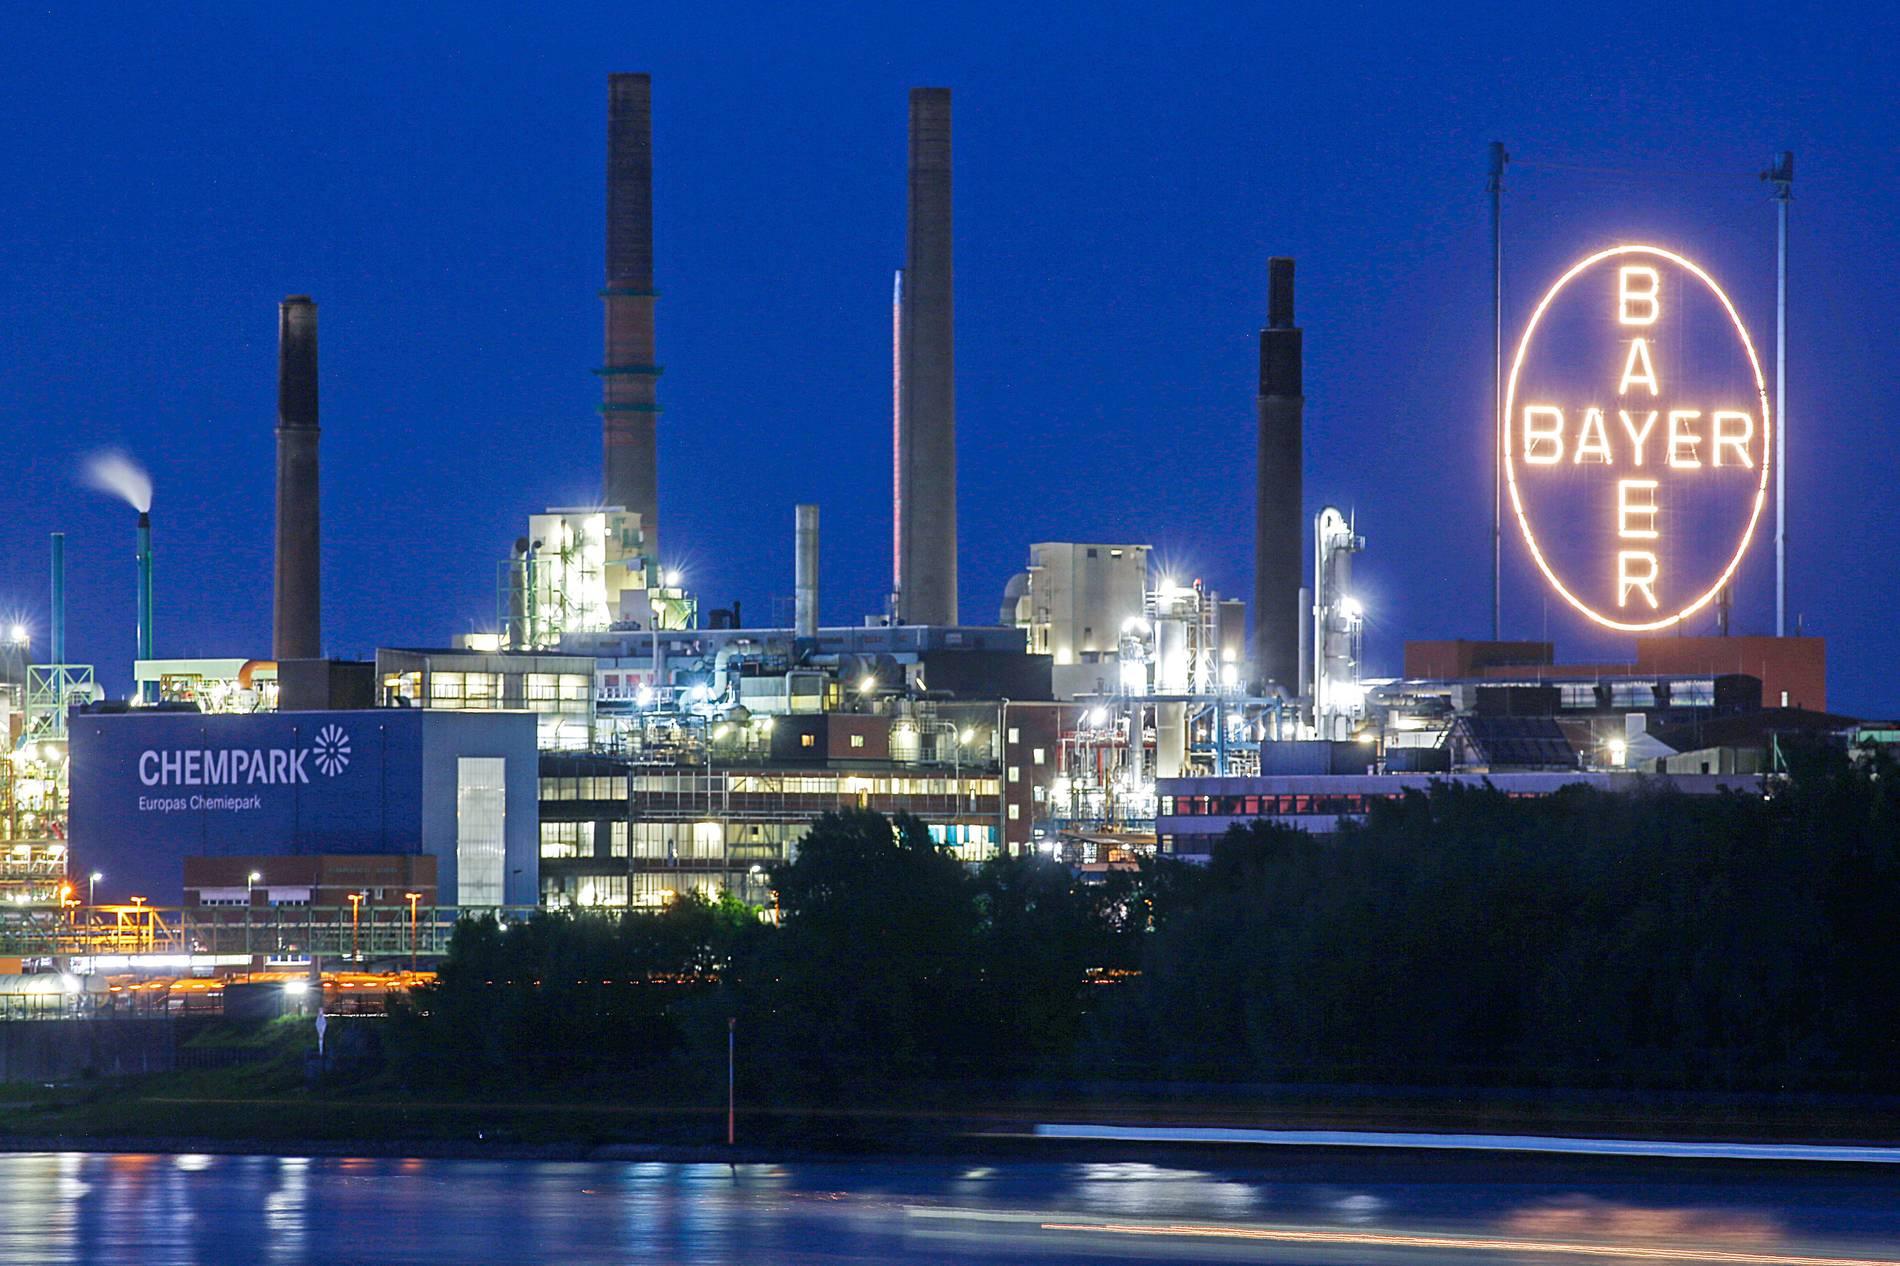 Konzernpläne: Bayer will 4500 Stellen in Deutschland abbauen